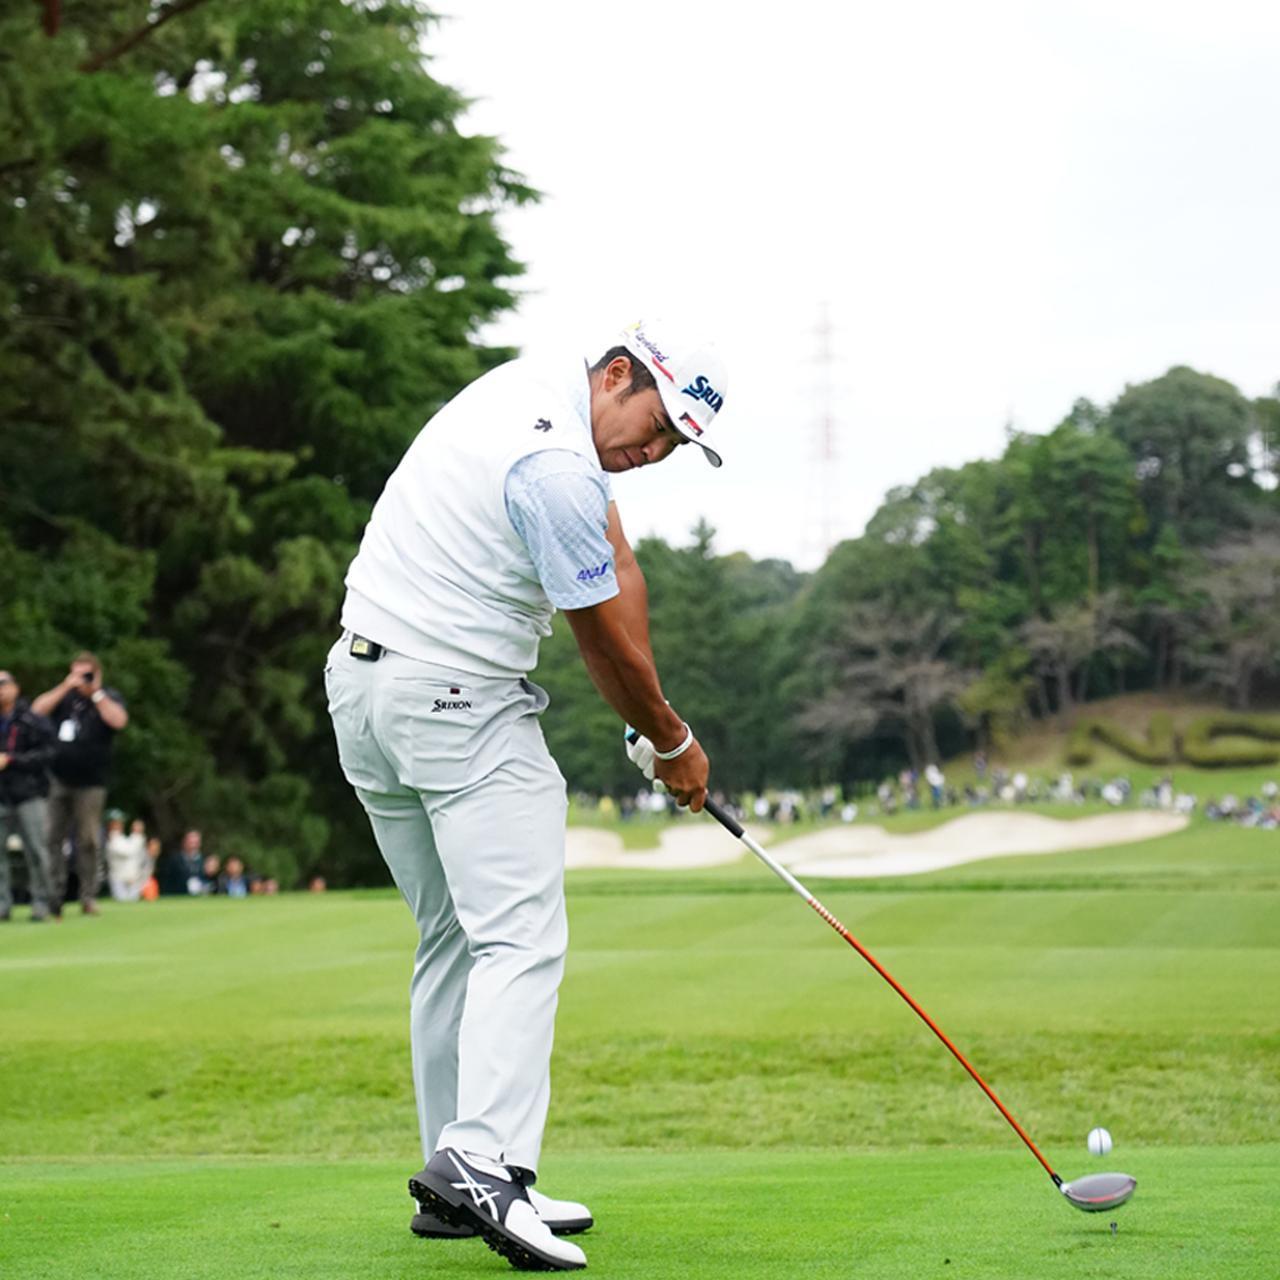 画像4: 【松山英樹】トップで止まらなくなった! 淀みなく超スムーズになった「切り返し動」スウィング解説